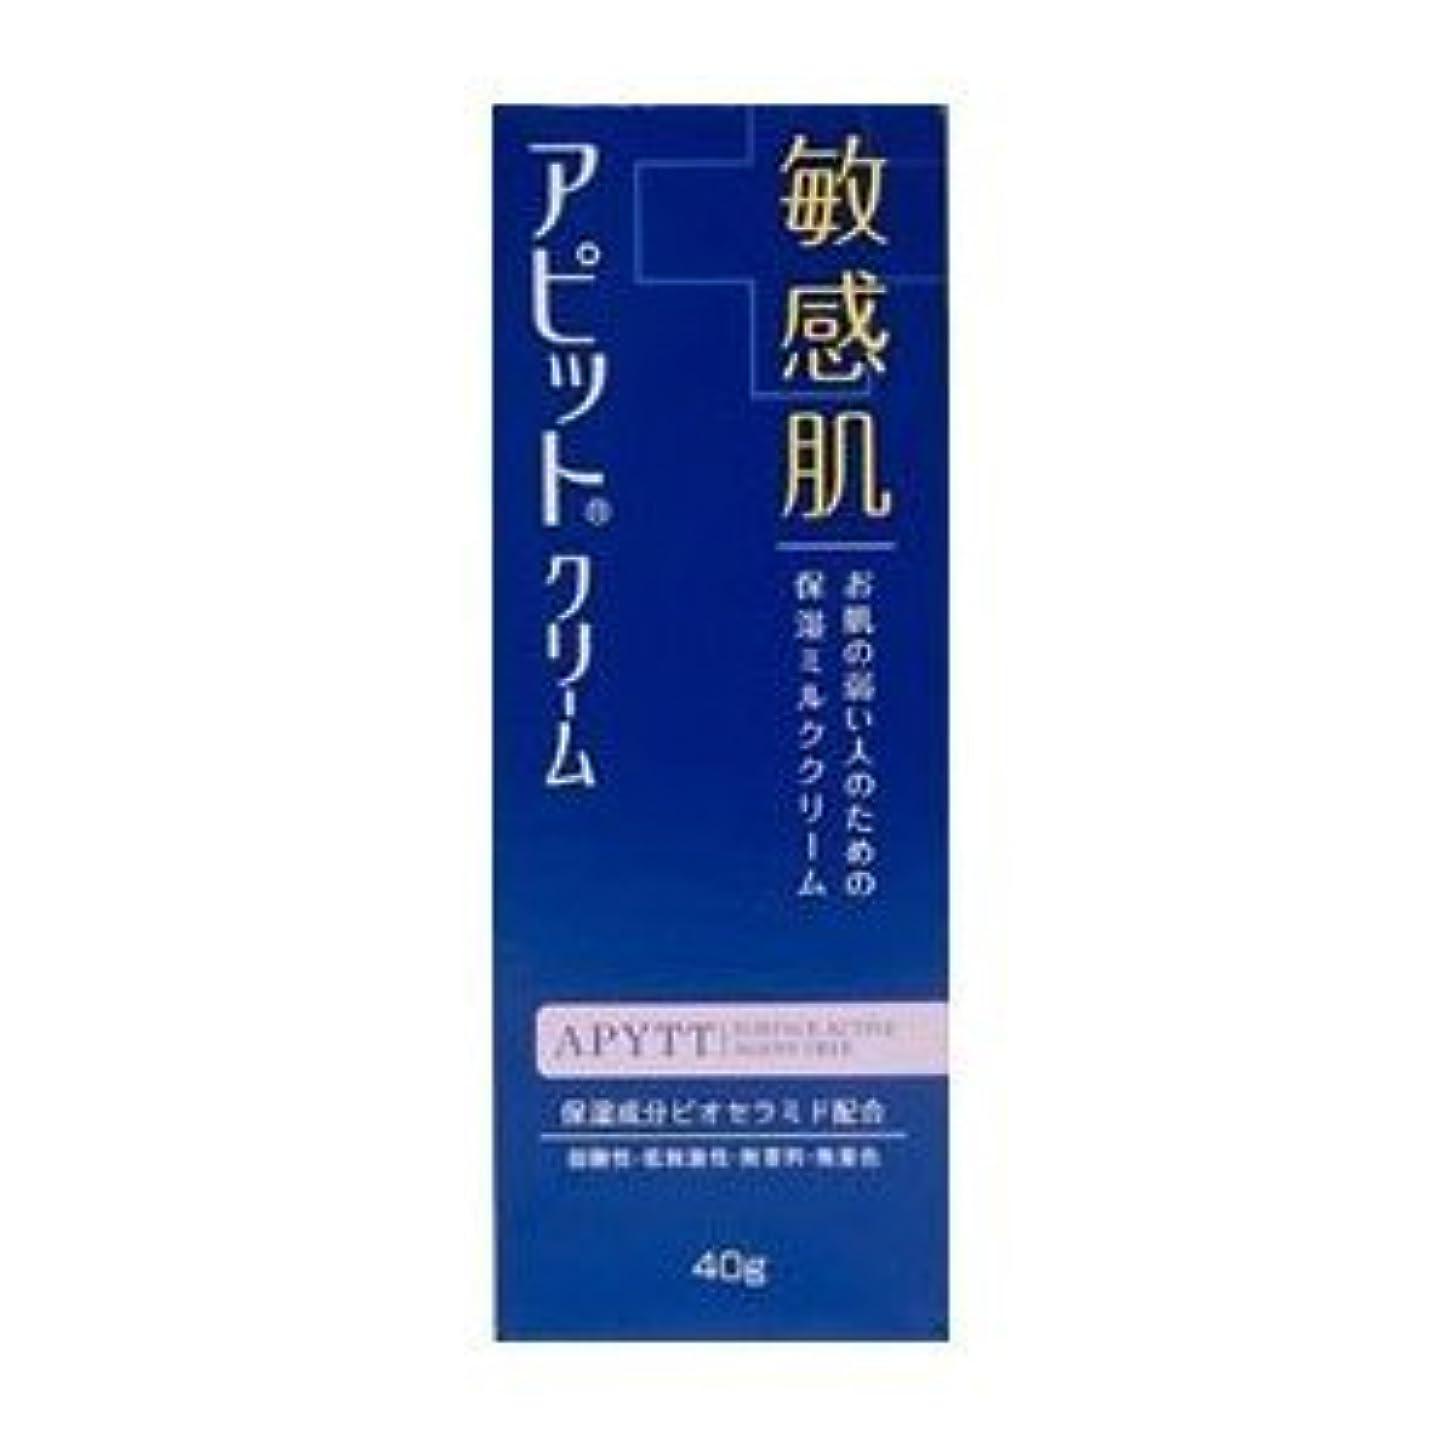 アライメント色無全薬工業 アピットクリーム 40g×3個セット (医薬部外品)